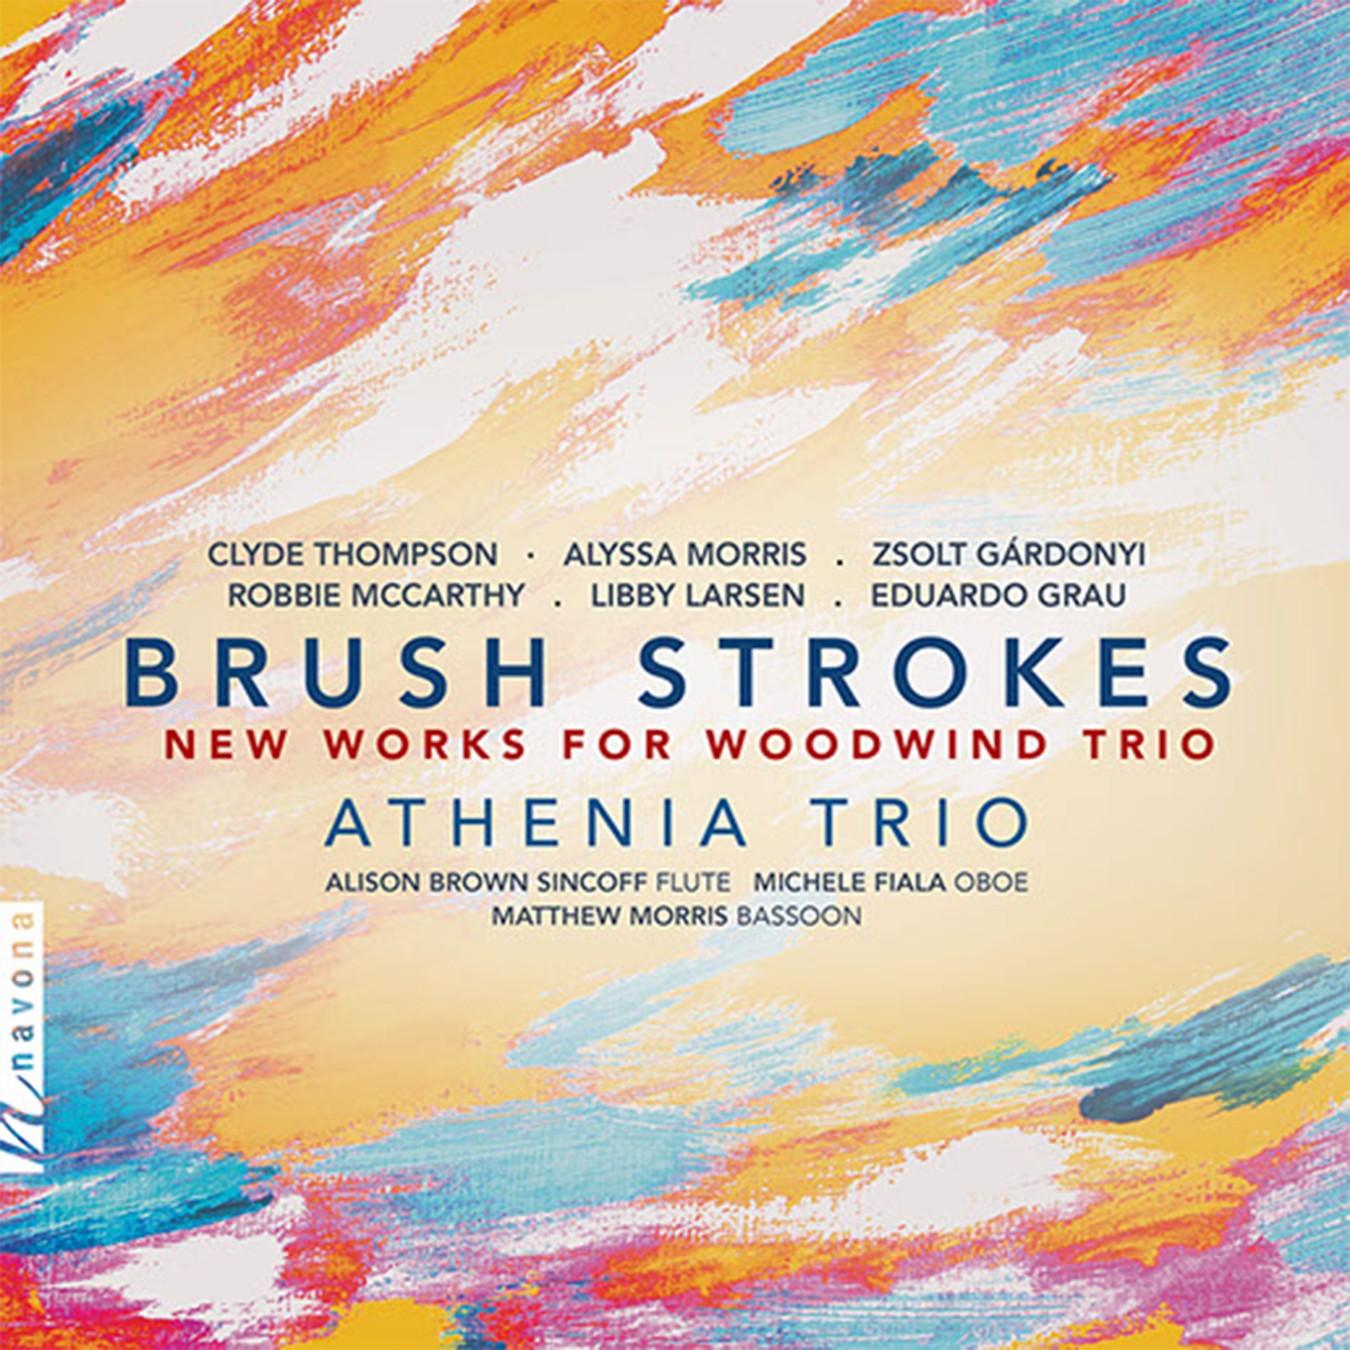 BRUSH STROKES - Album Cover